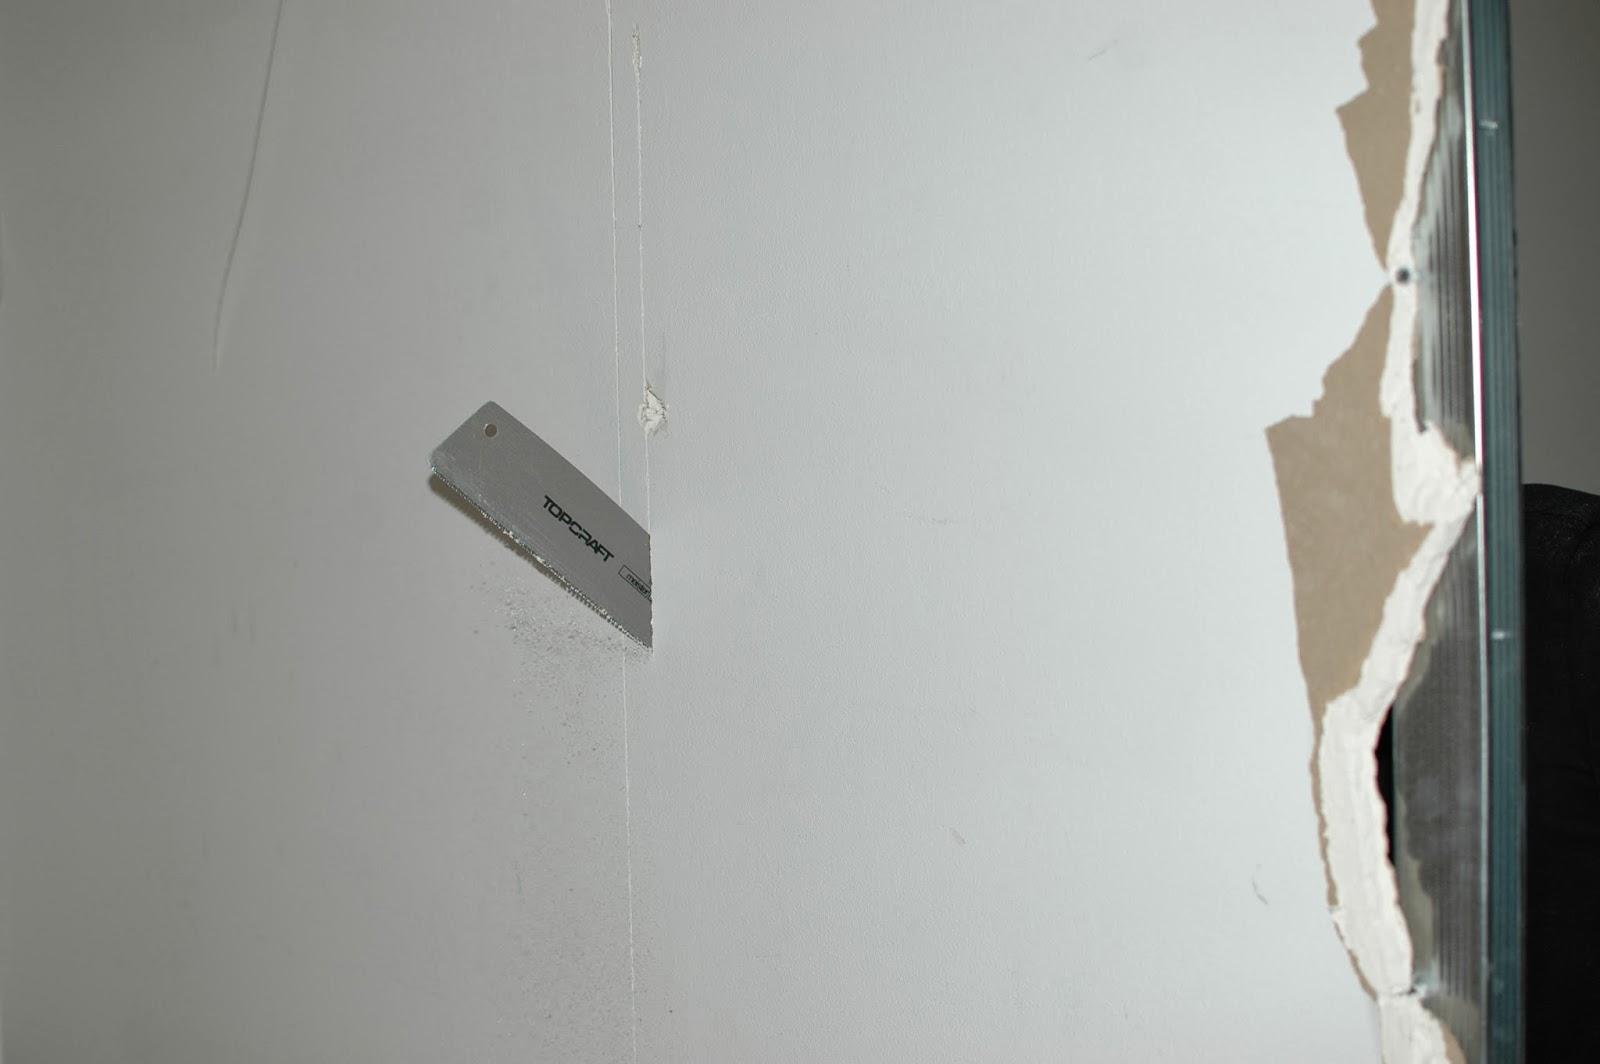 Ik krijg thuisonderwijs verbouwing - Upgrade naar een kamer ...